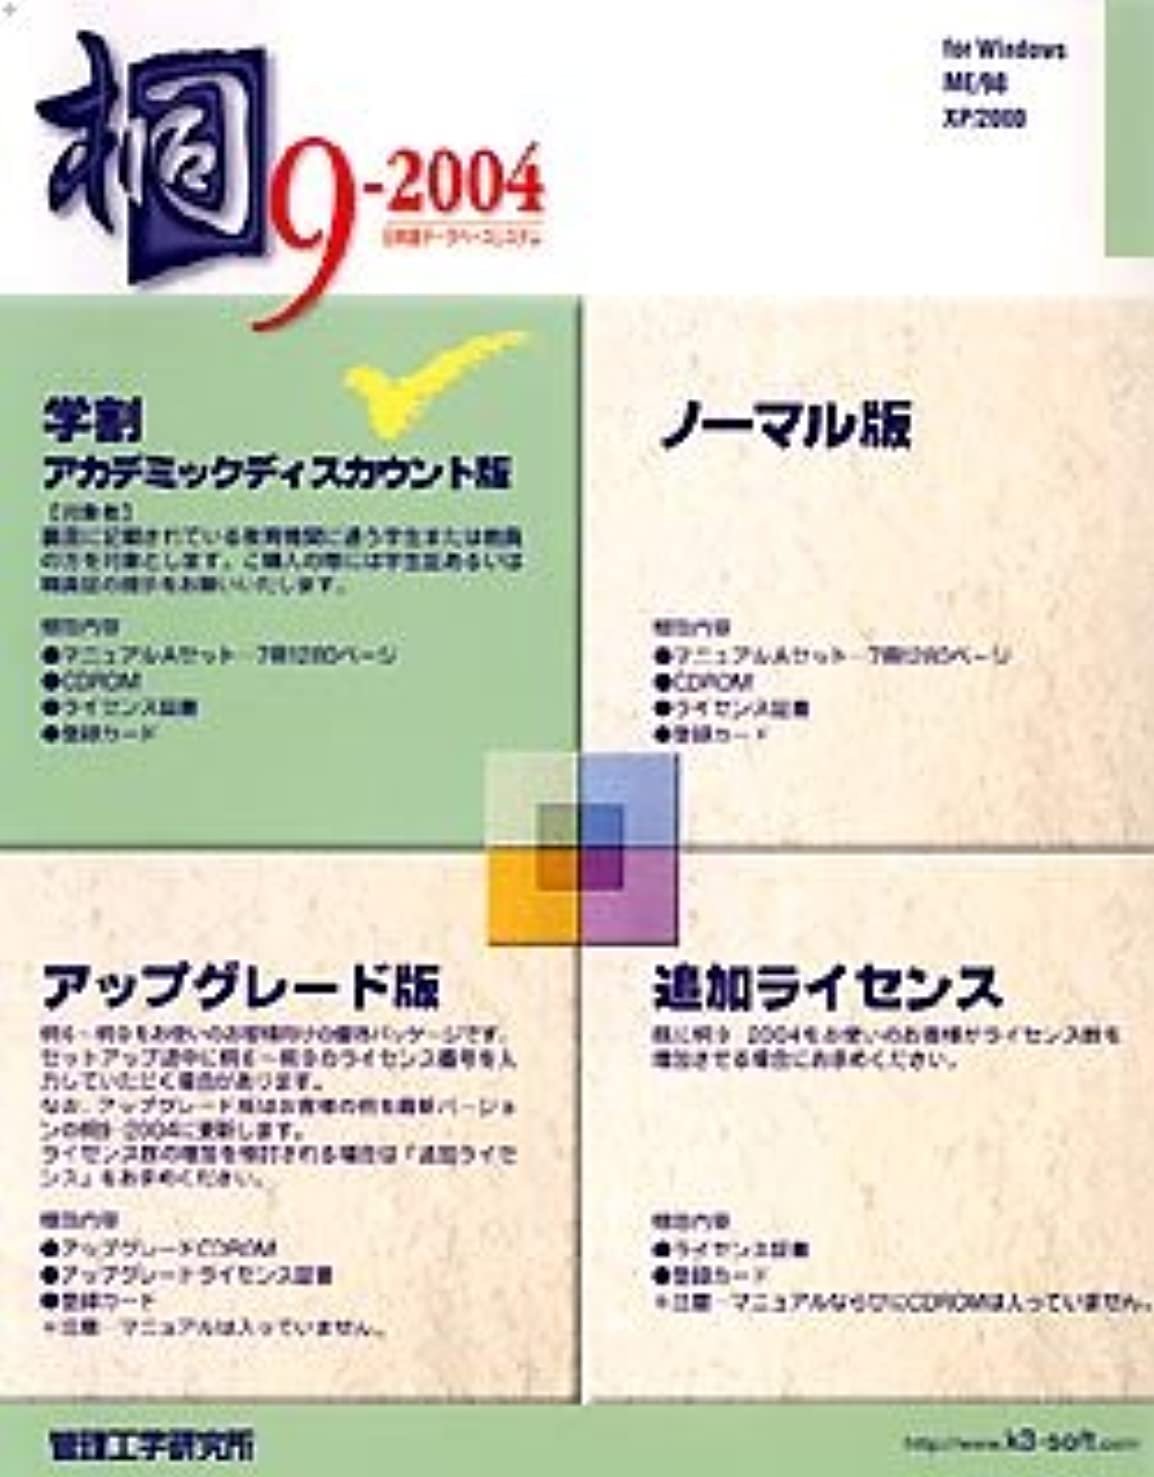 特別な無傷代名詞桐 9-2004 学割版(アカデミックディスカウント版)